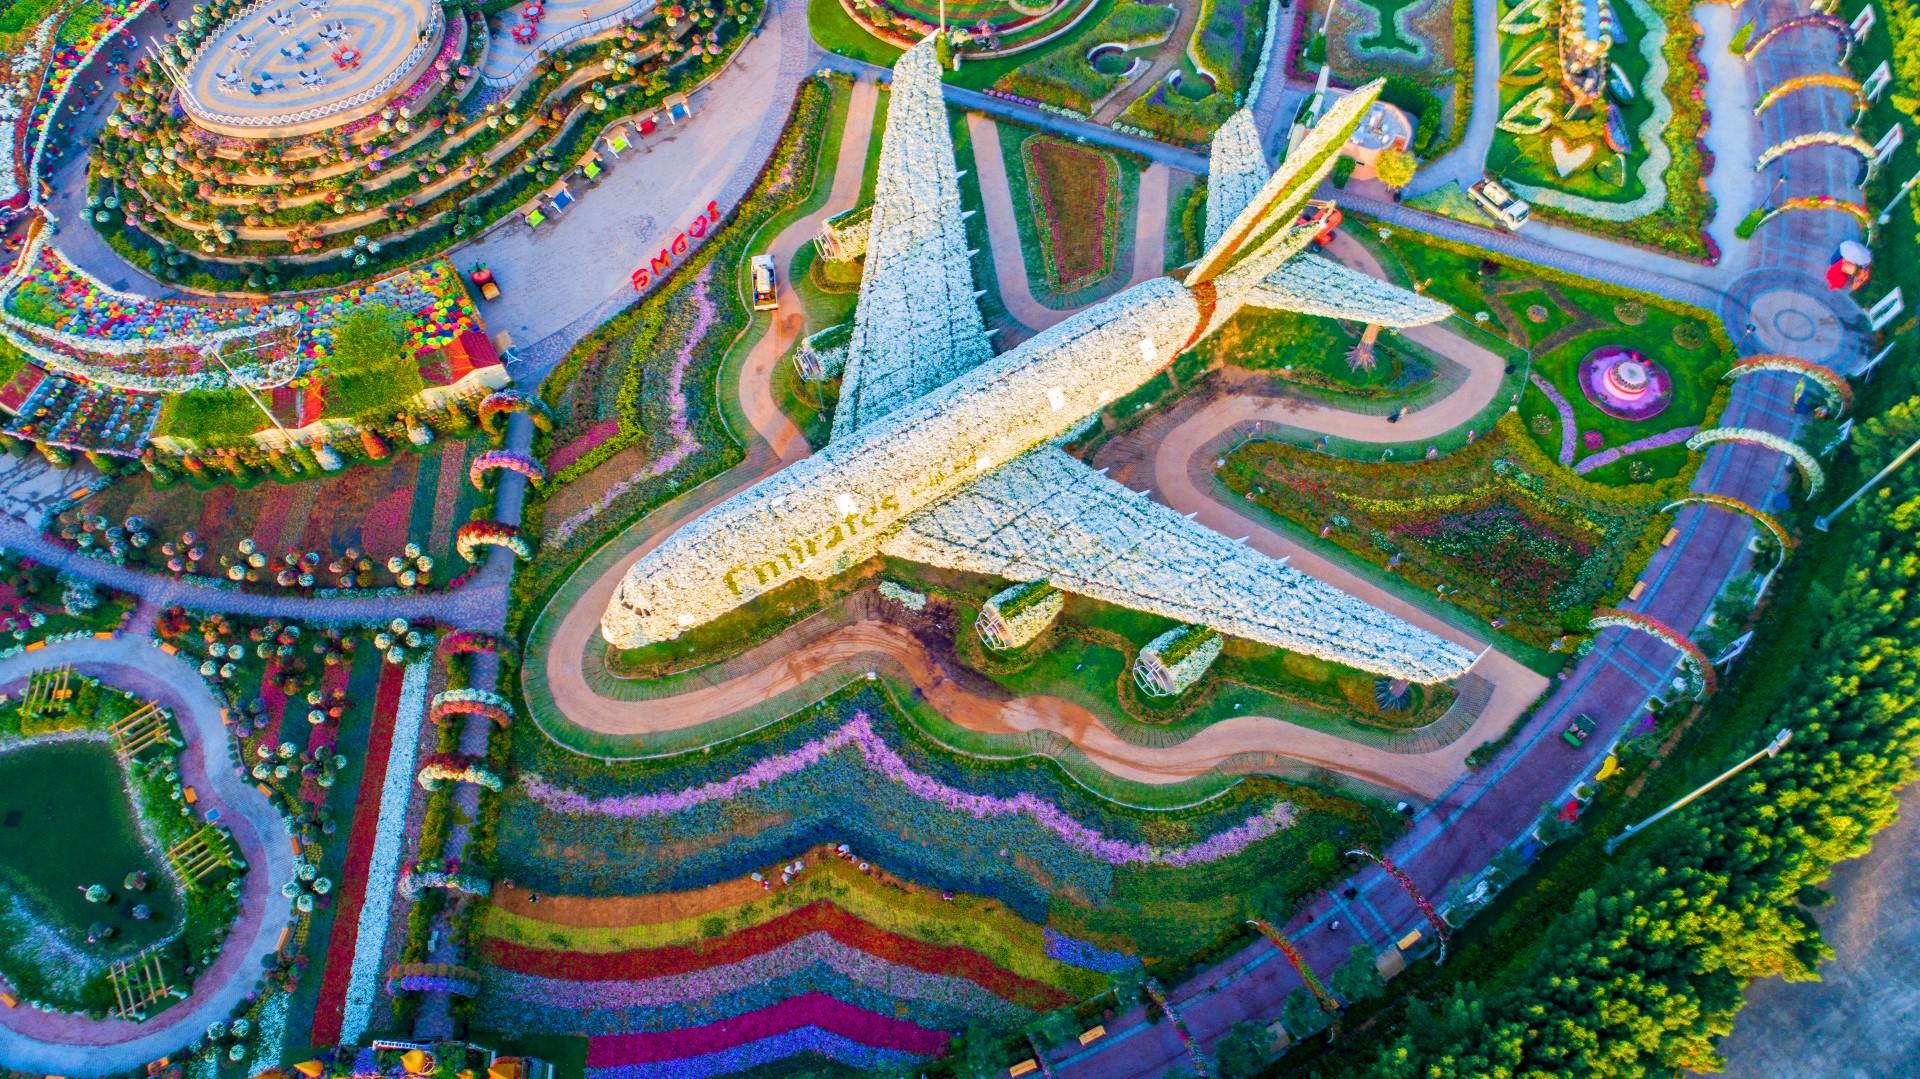 Фото самолета в парке цветов